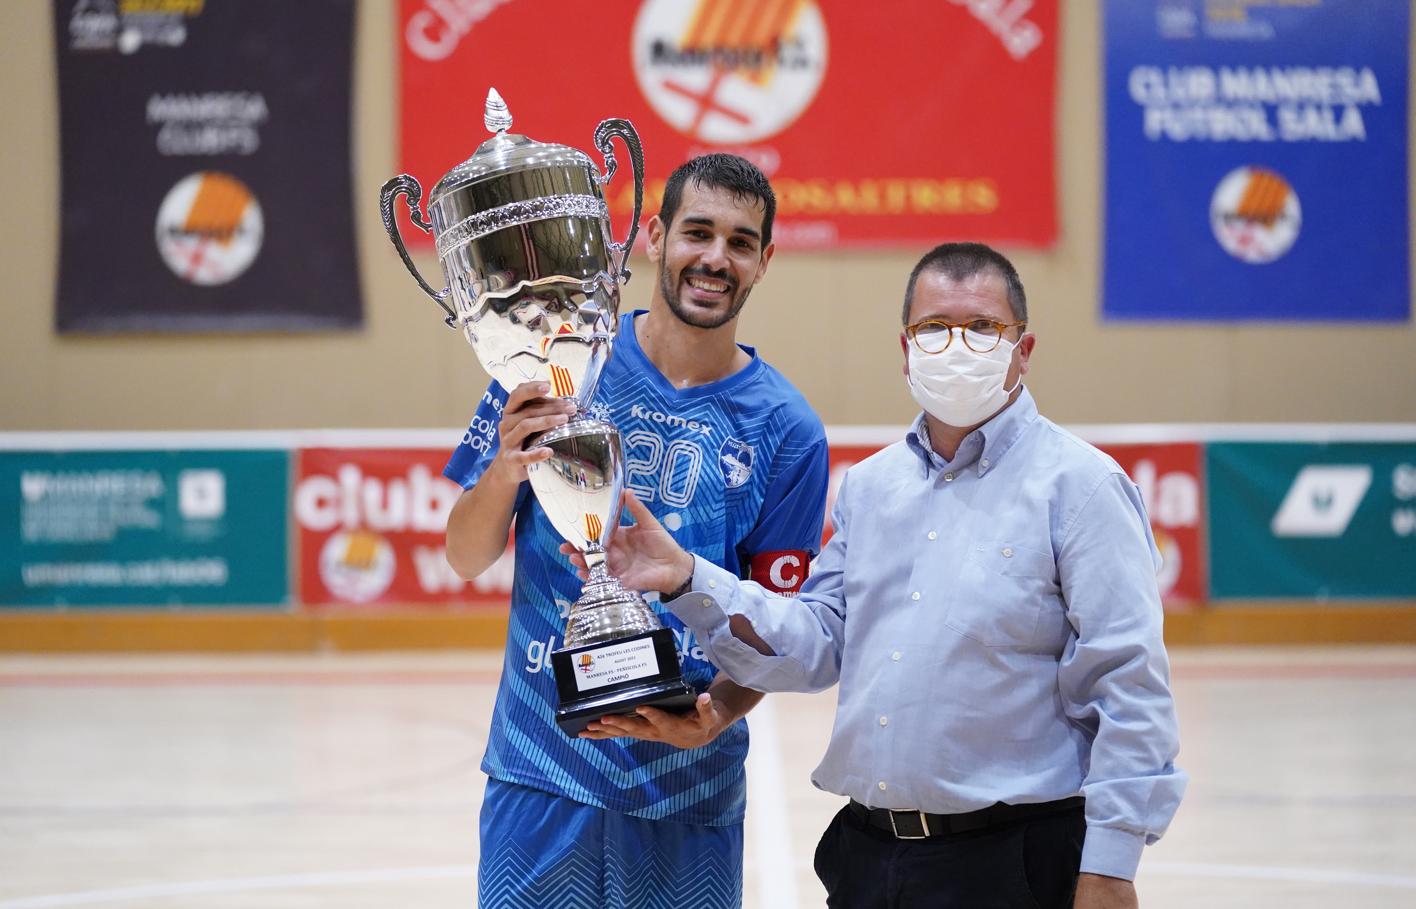 El Peníscola Globenergy guanya el Trofeu 'Les Codines' en imposar-se al Manresa FS (3-8)